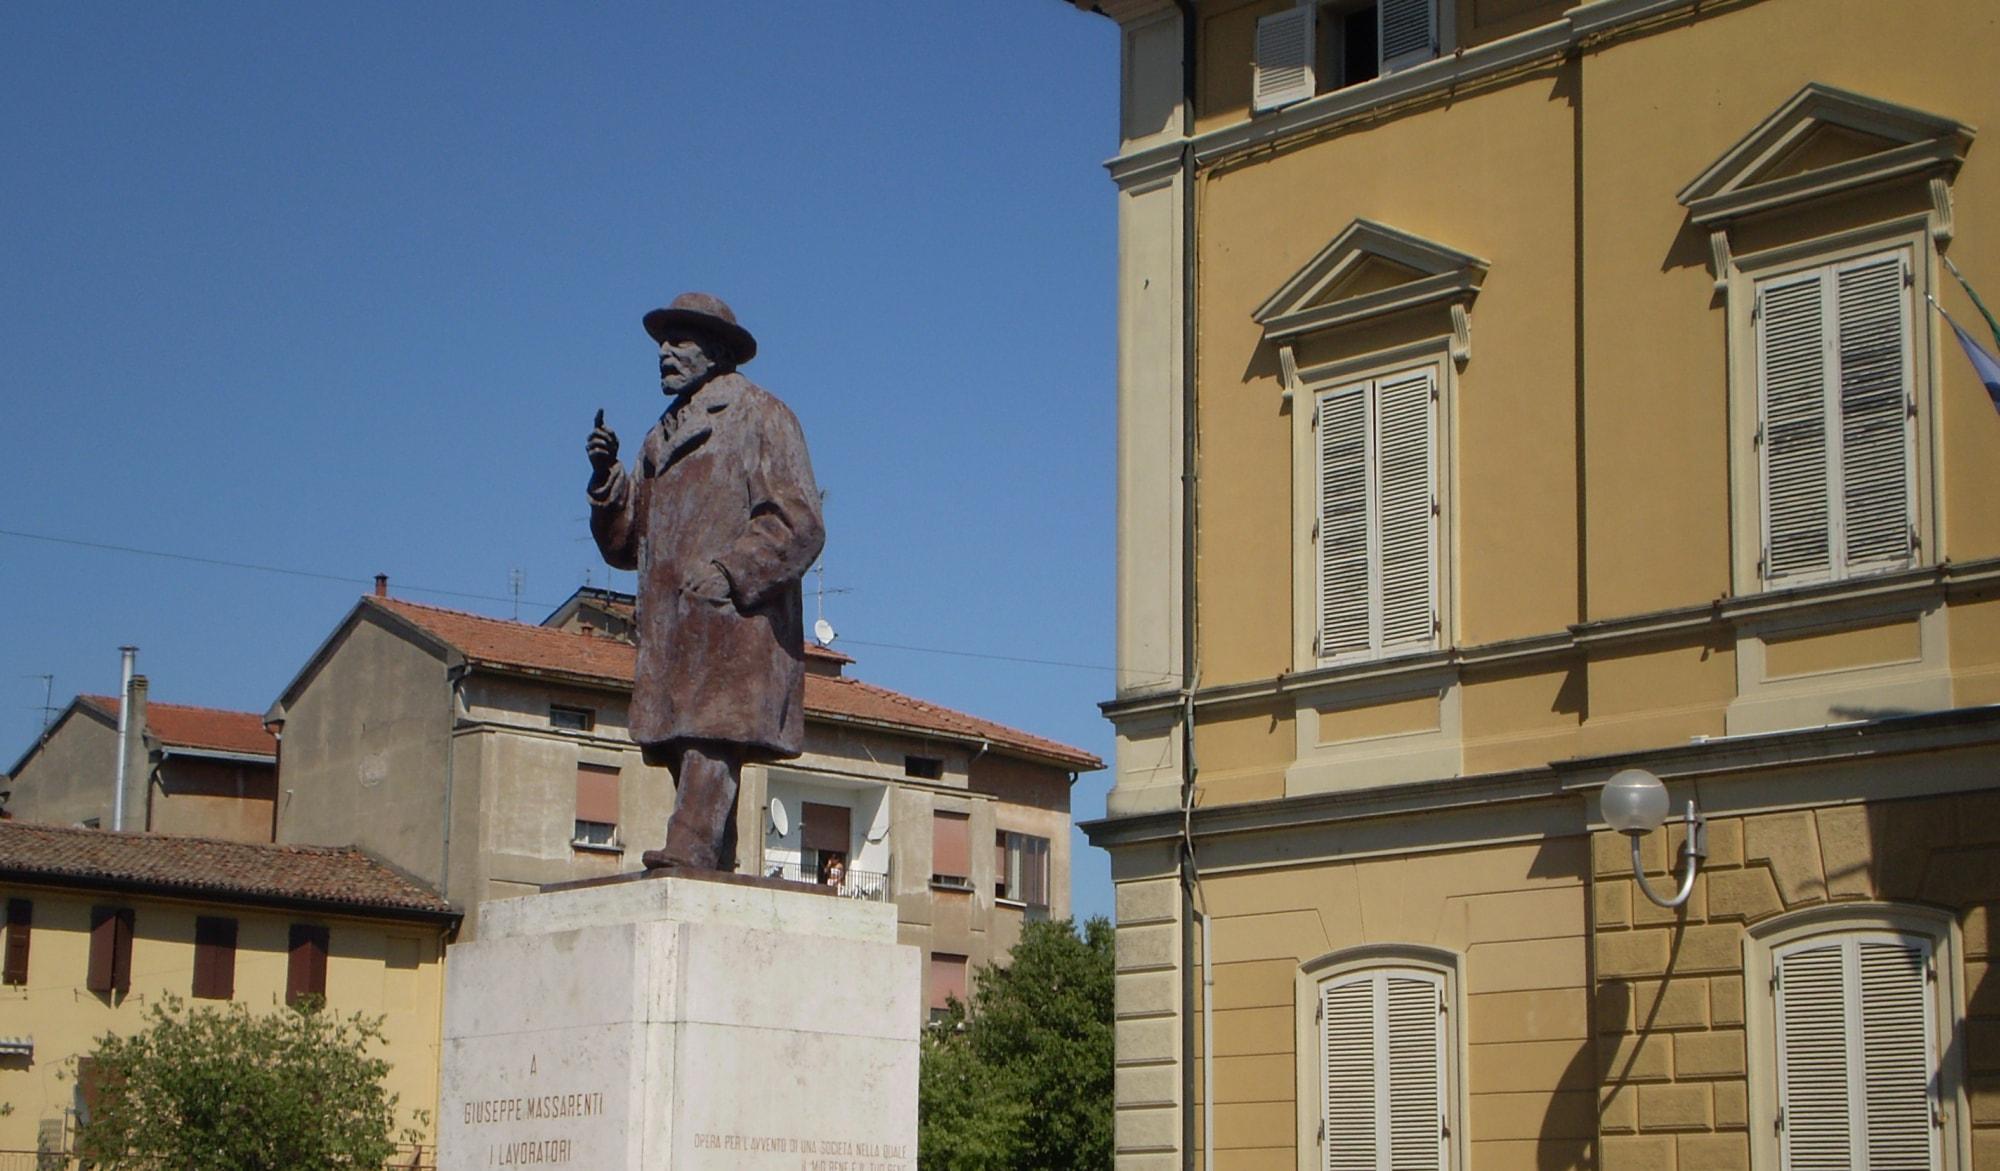 Piazza Massarenti